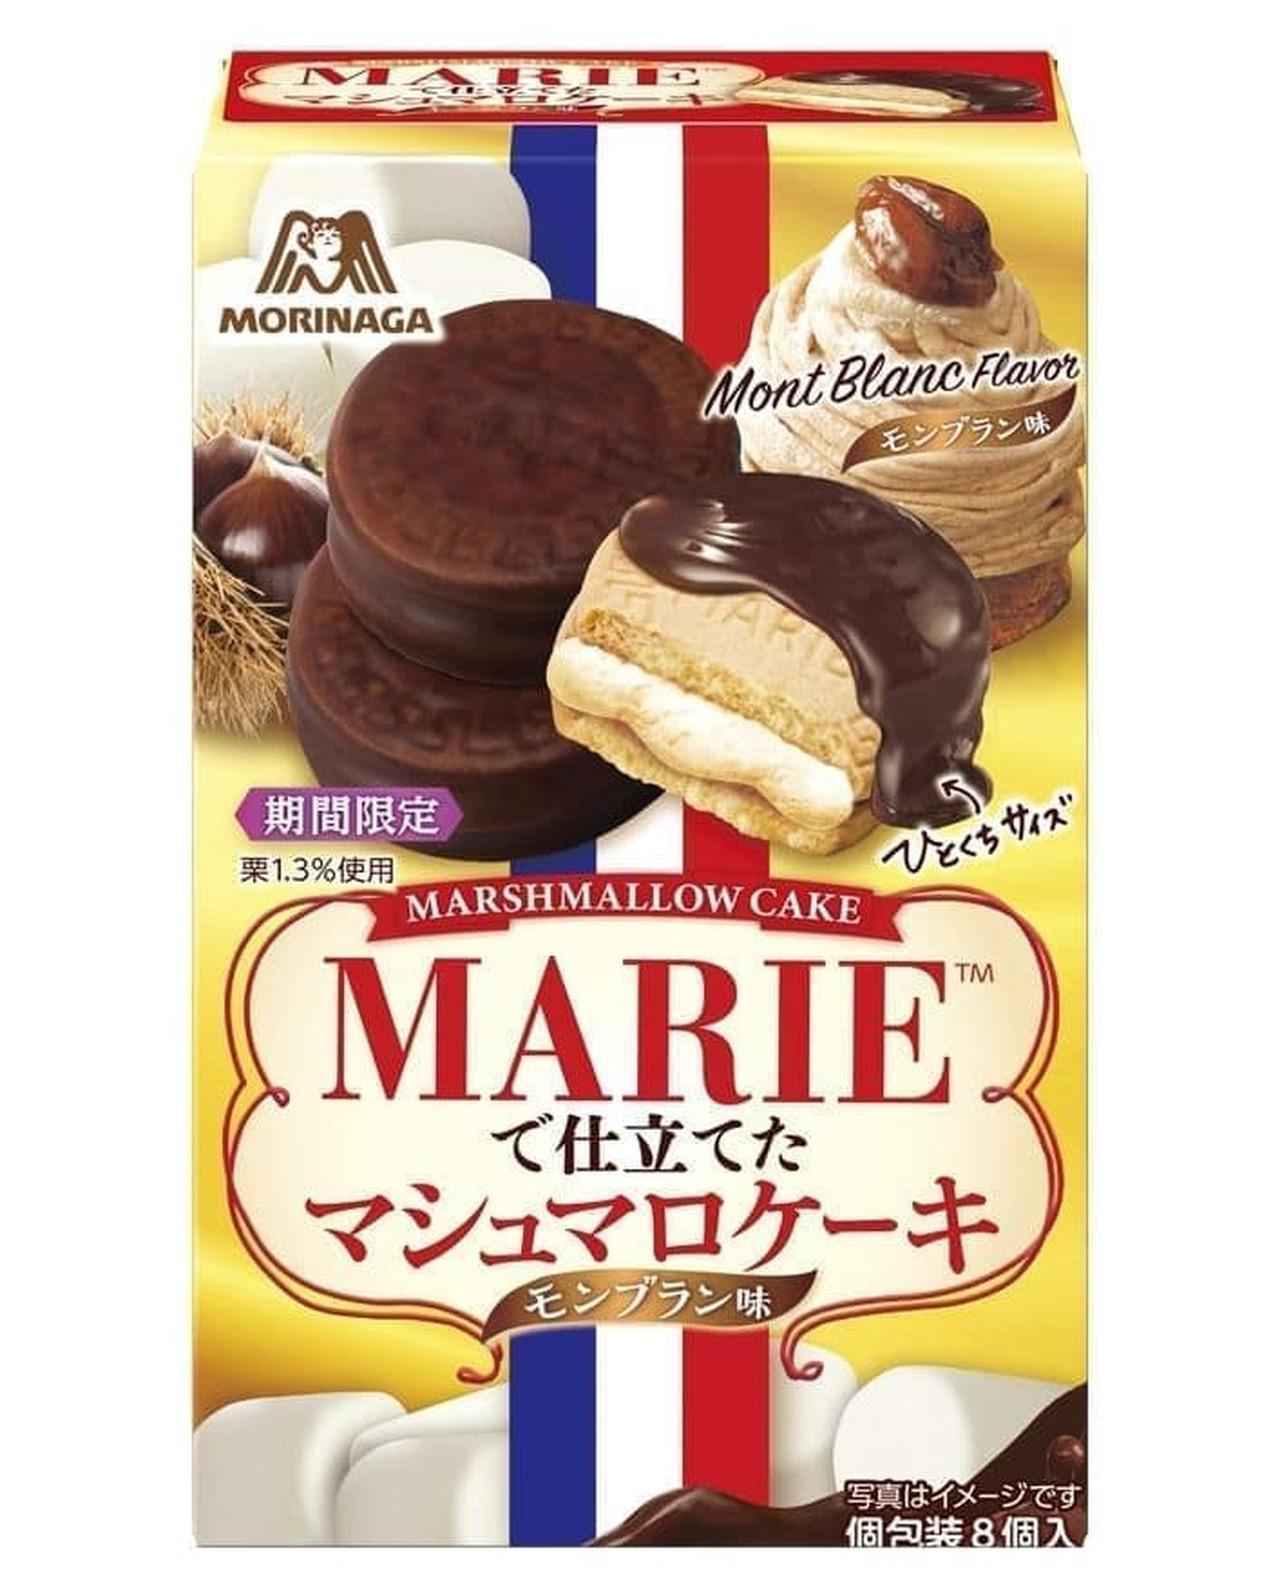 森永製菓「マリーで仕立てたマシュマロケーキ<モンブラン味>」